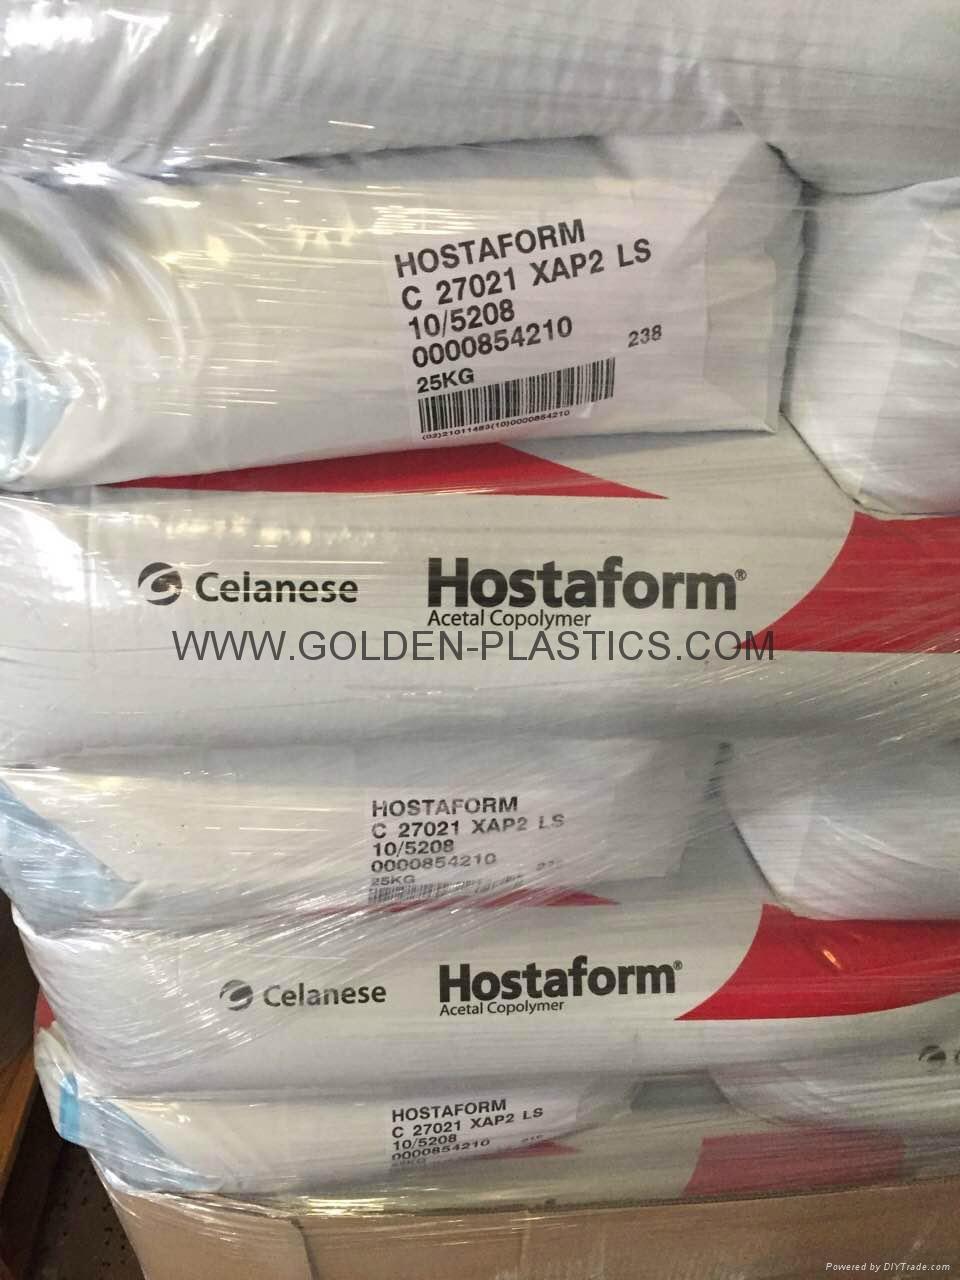 HOSTAFORM C27021 LS